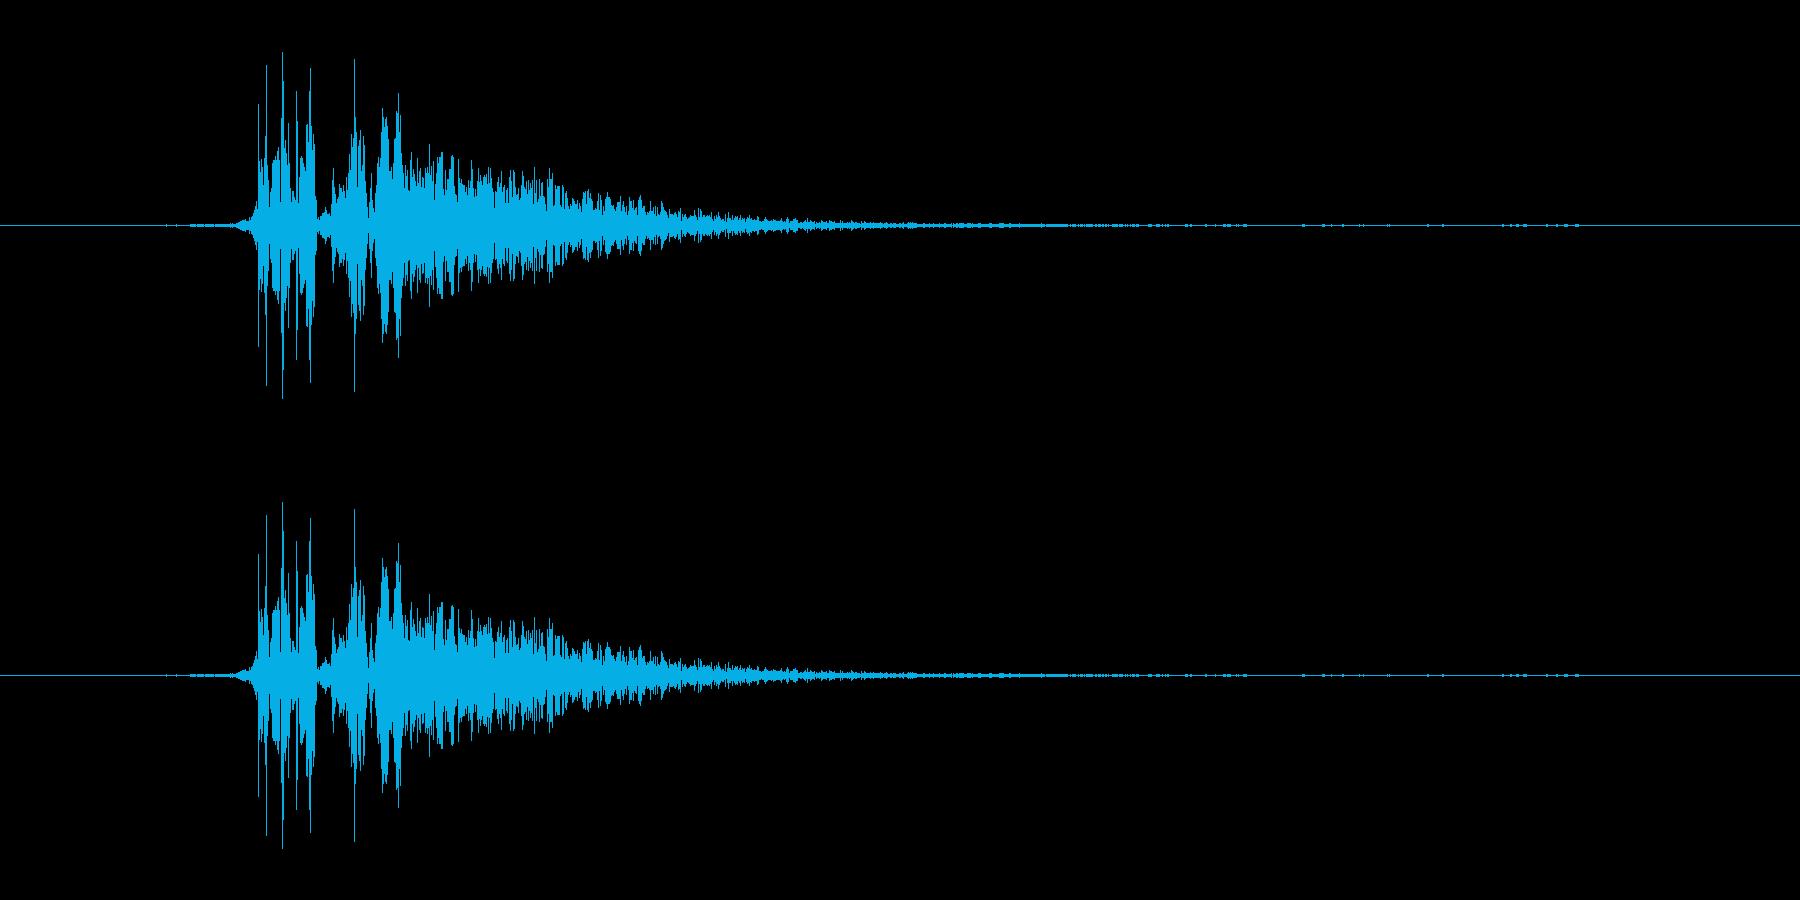 ハードフェイススラップまたはパンチの再生済みの波形